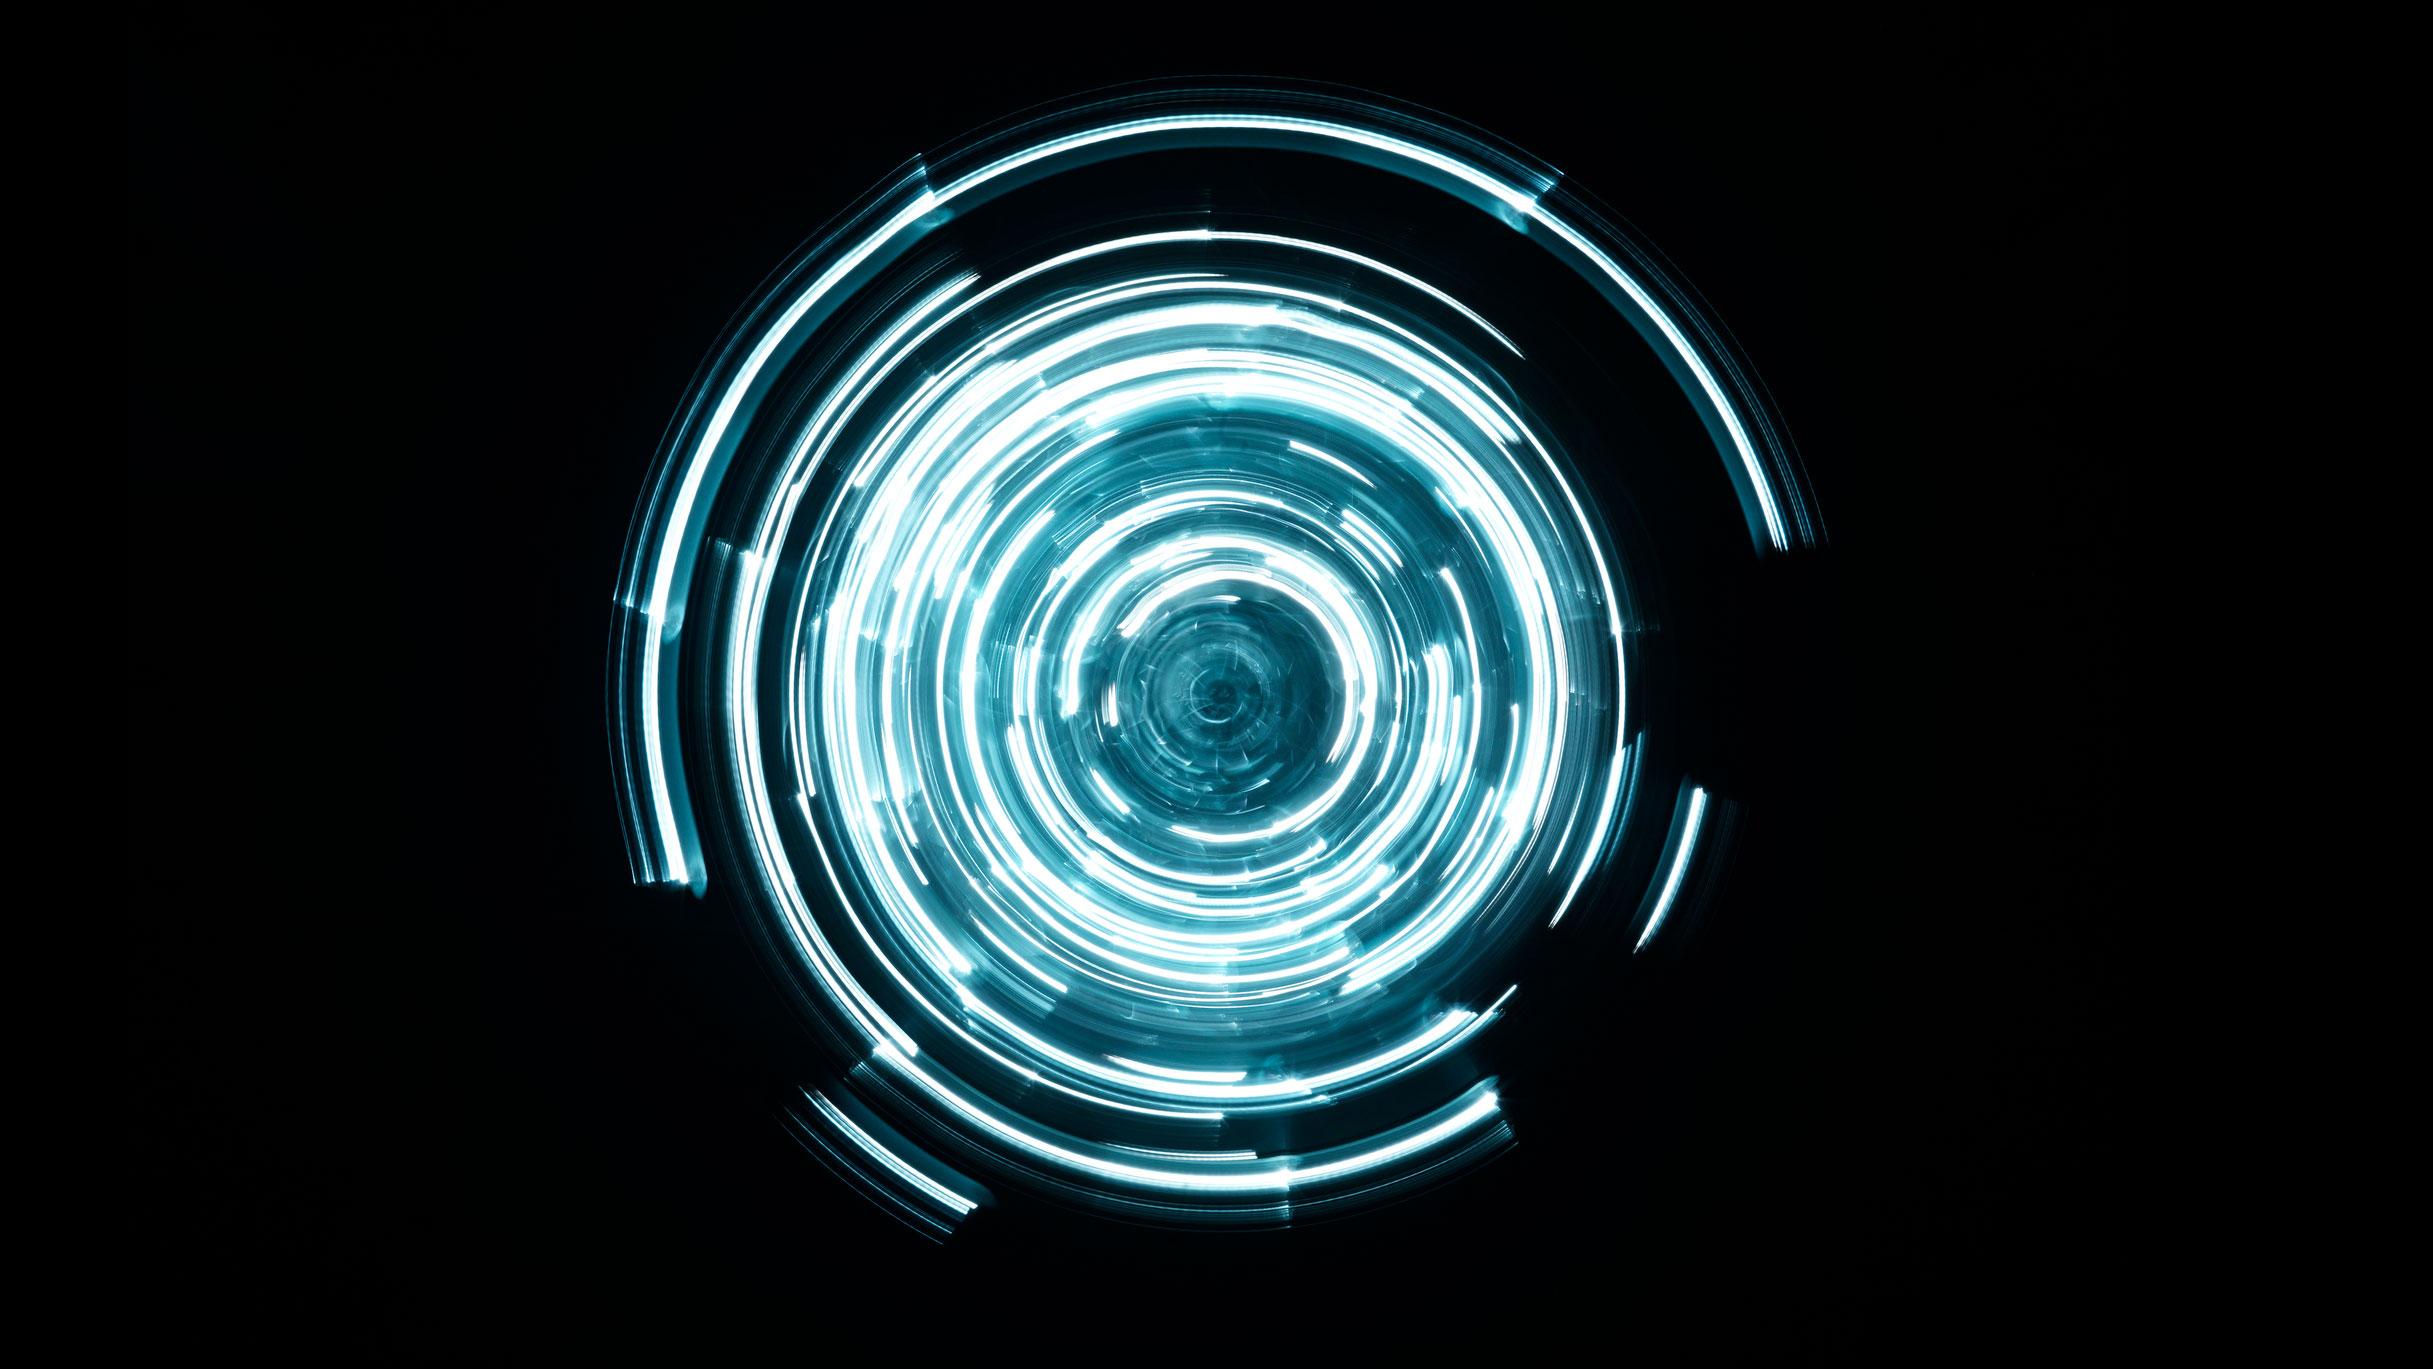 增长近28%!传联电明年28nm制程晶圆报价飙升至每片2300美元